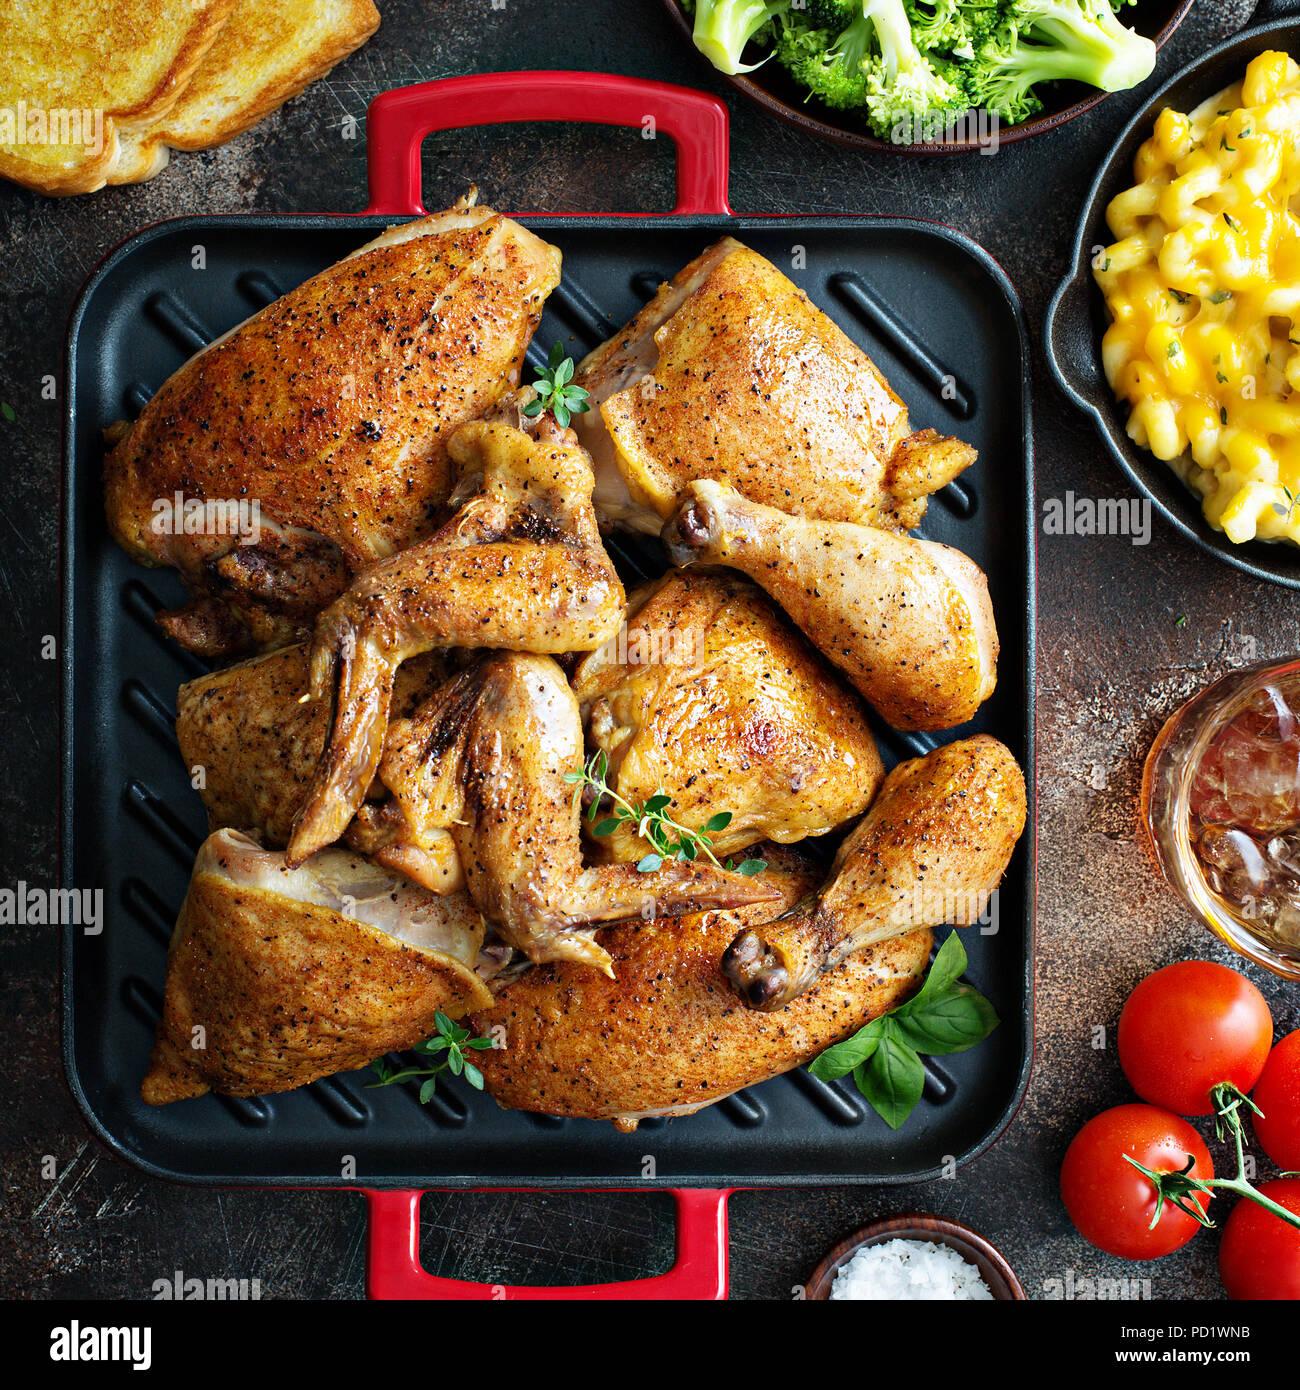 Dîner d'été avec poulet grillé Photo Stock